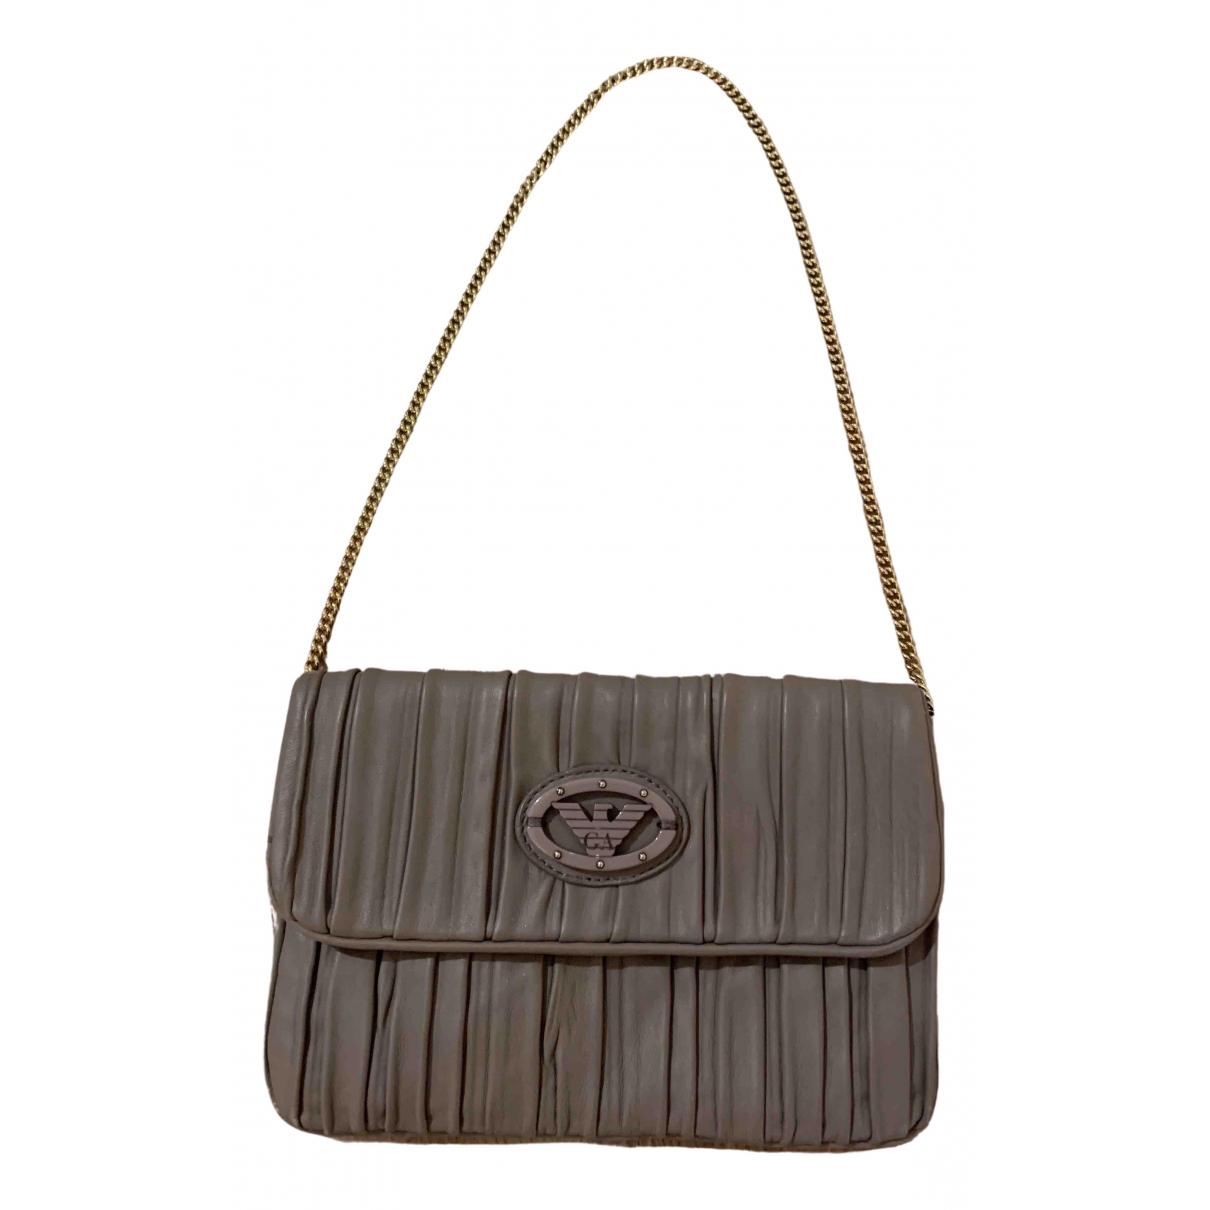 Emporio Armani N Beige Leather handbag for Women N